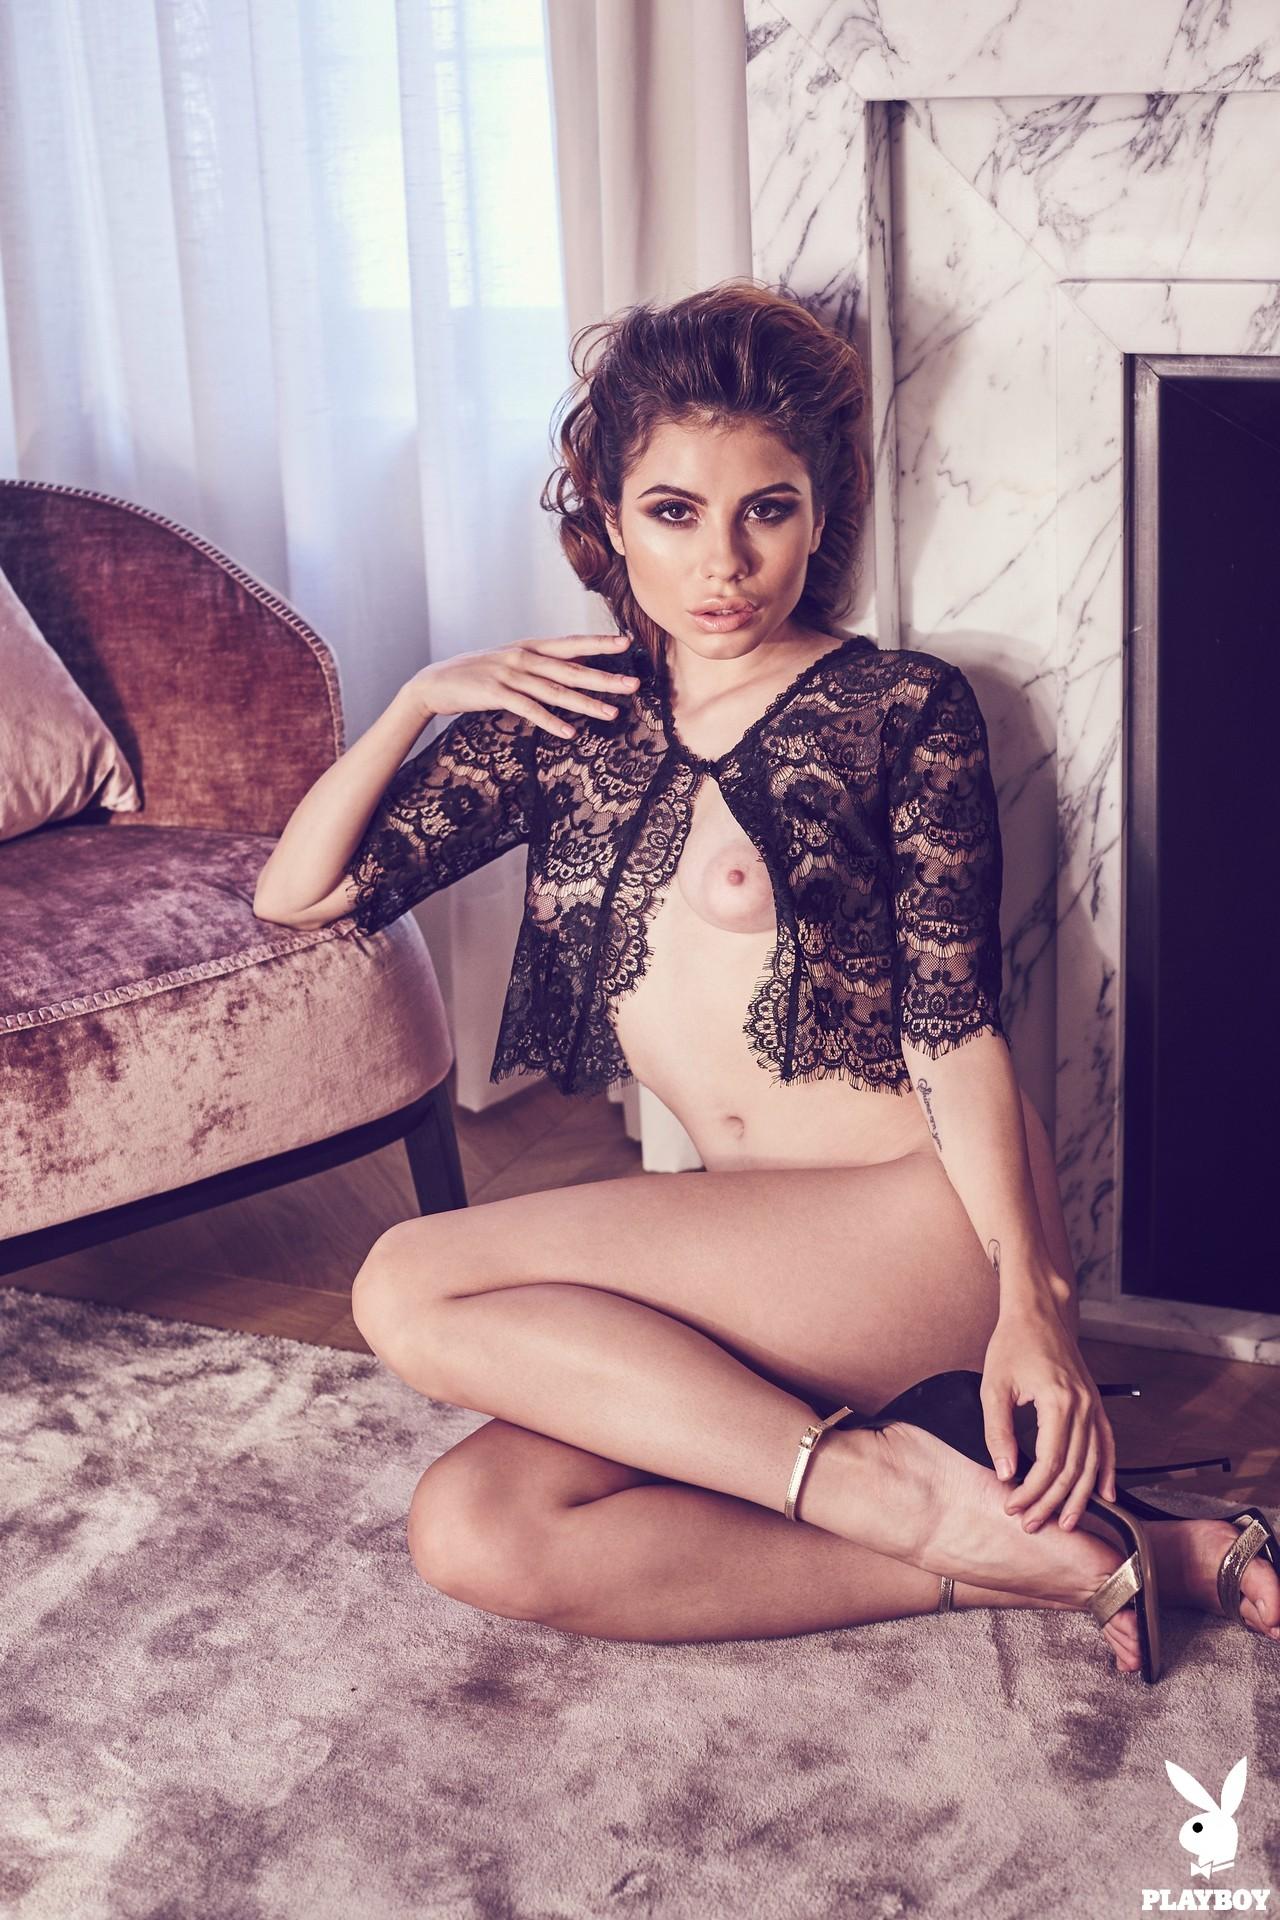 Chiara Arrighi in Playboy Germany Vol. 3 - Playboy Plus 16